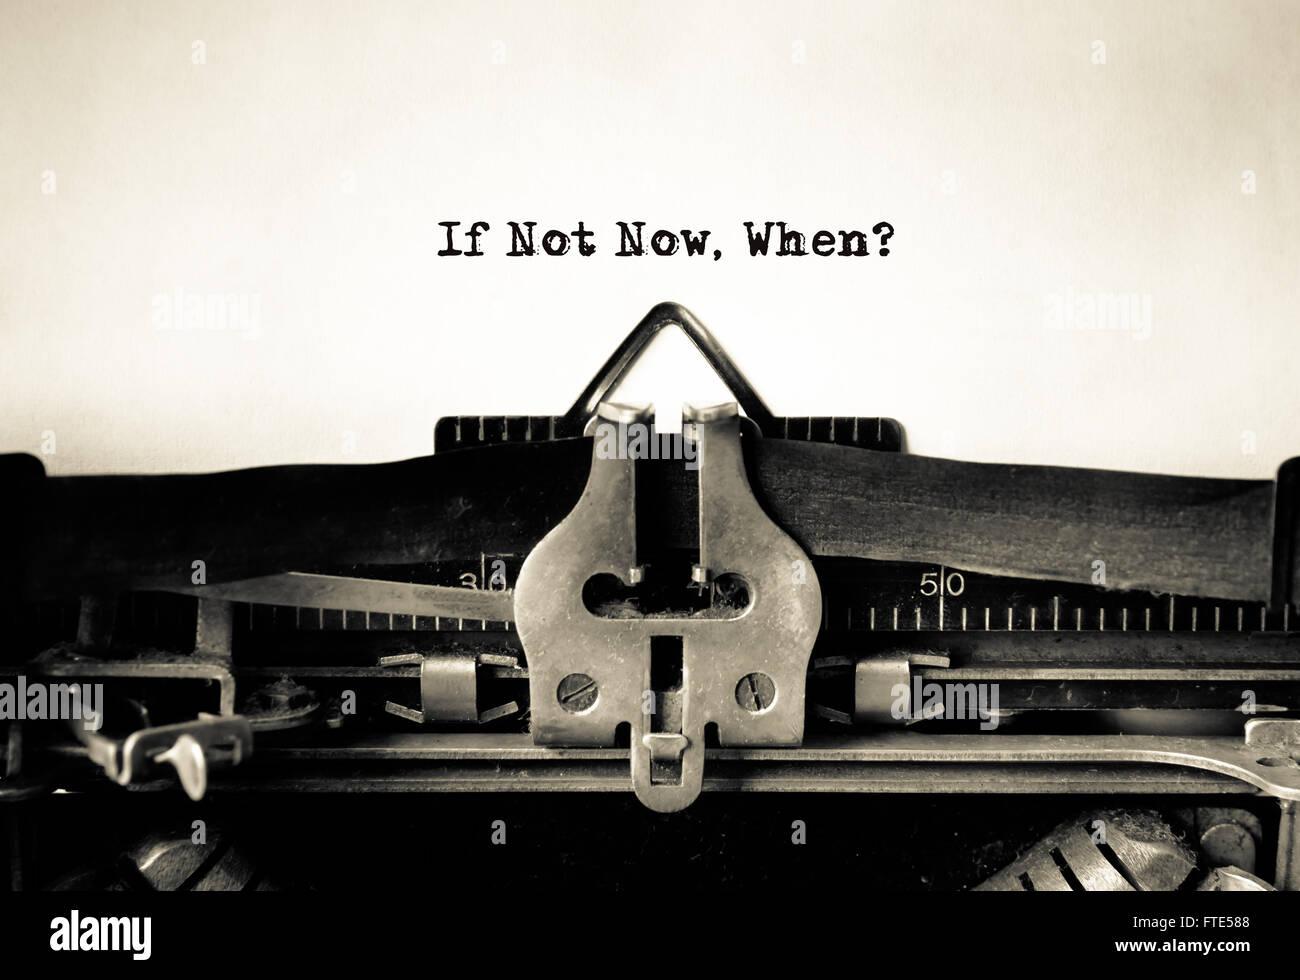 Si no es ahora, cuando inspirador mensaje escrito en máquina de escribir vintage Imagen De Stock